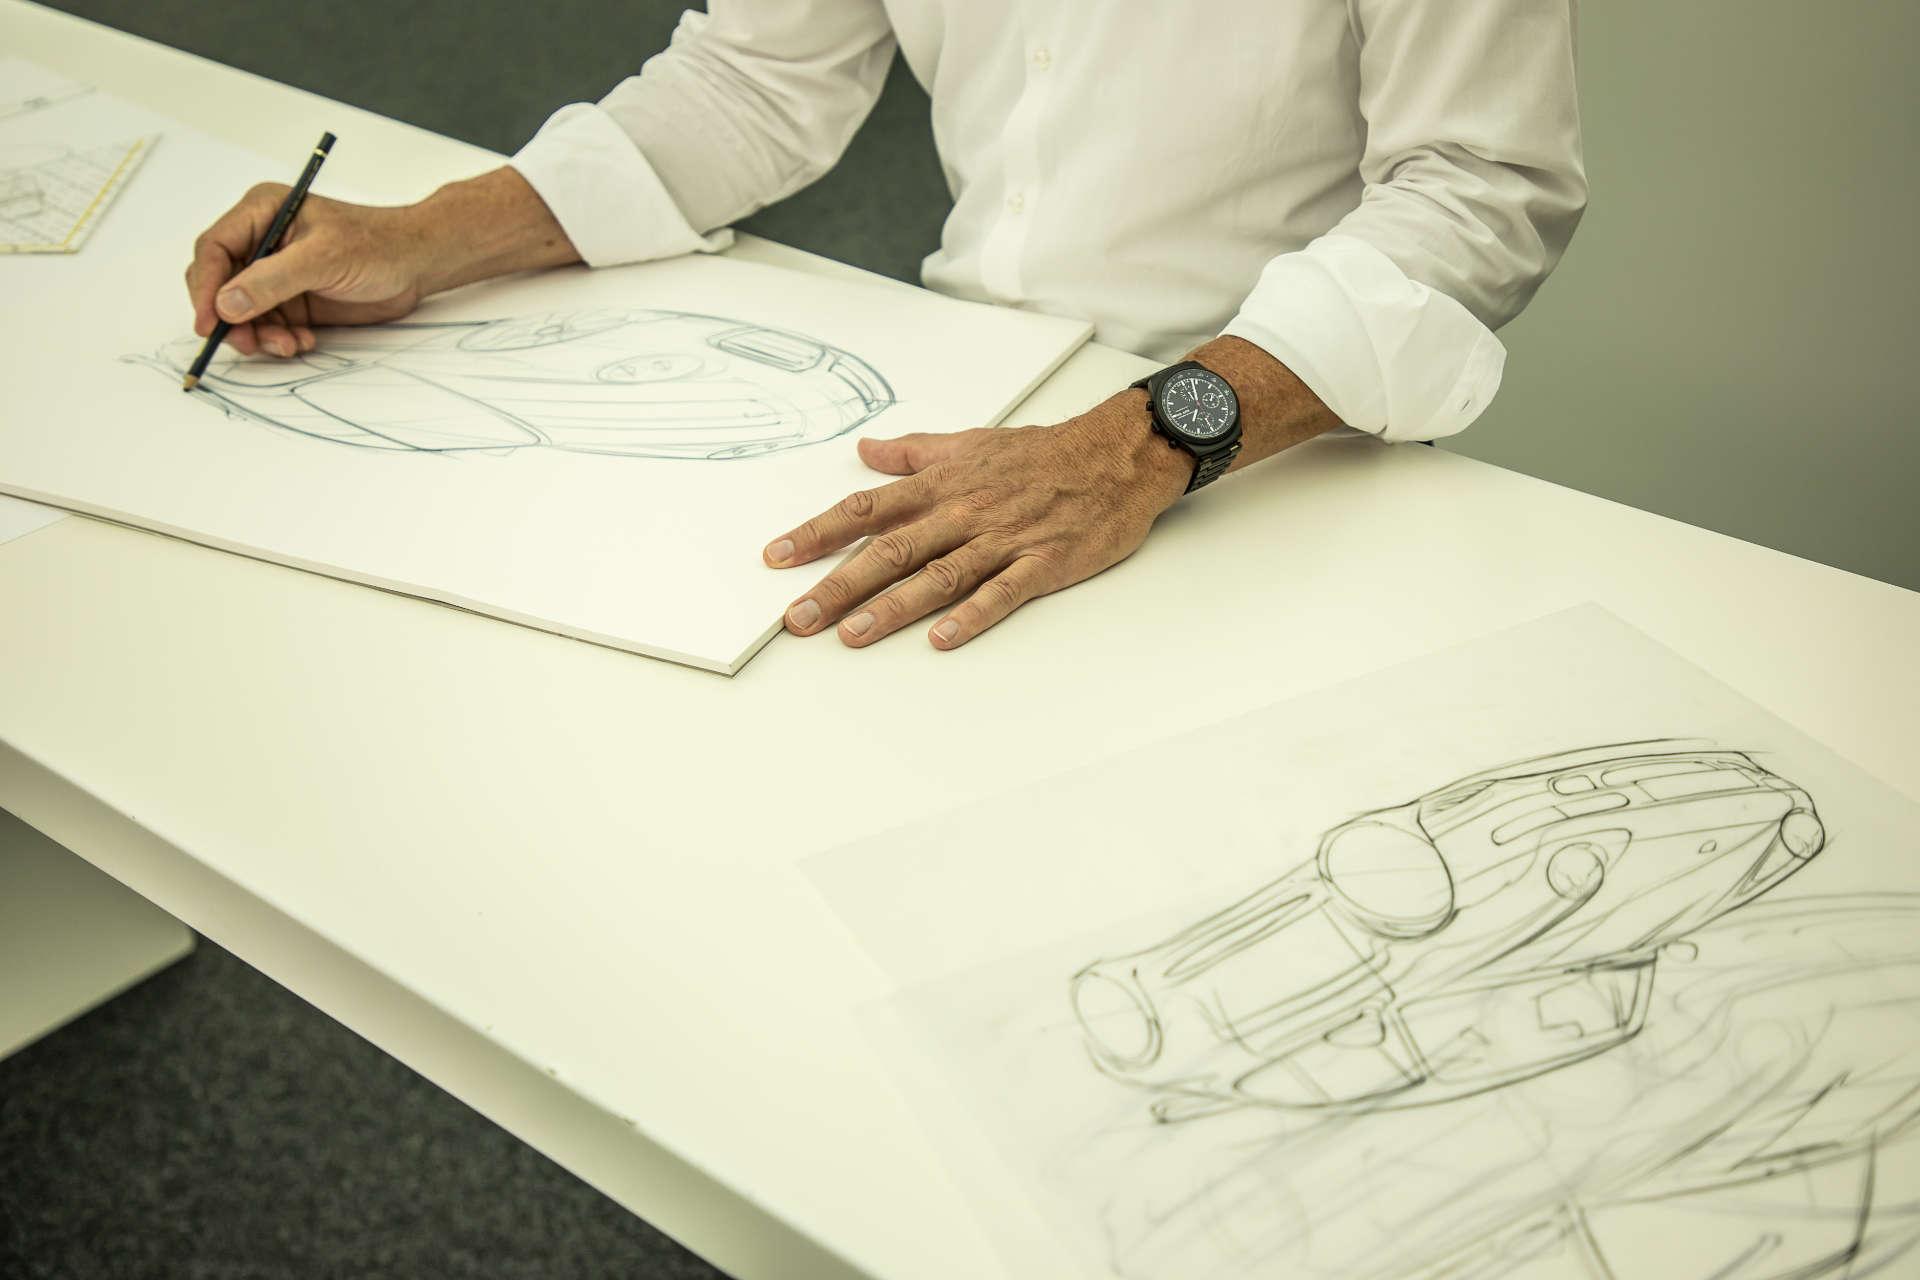 Kreation eines Sonderwunsch Werksunikats: Designer Grant Larson erstellt eine Skizze